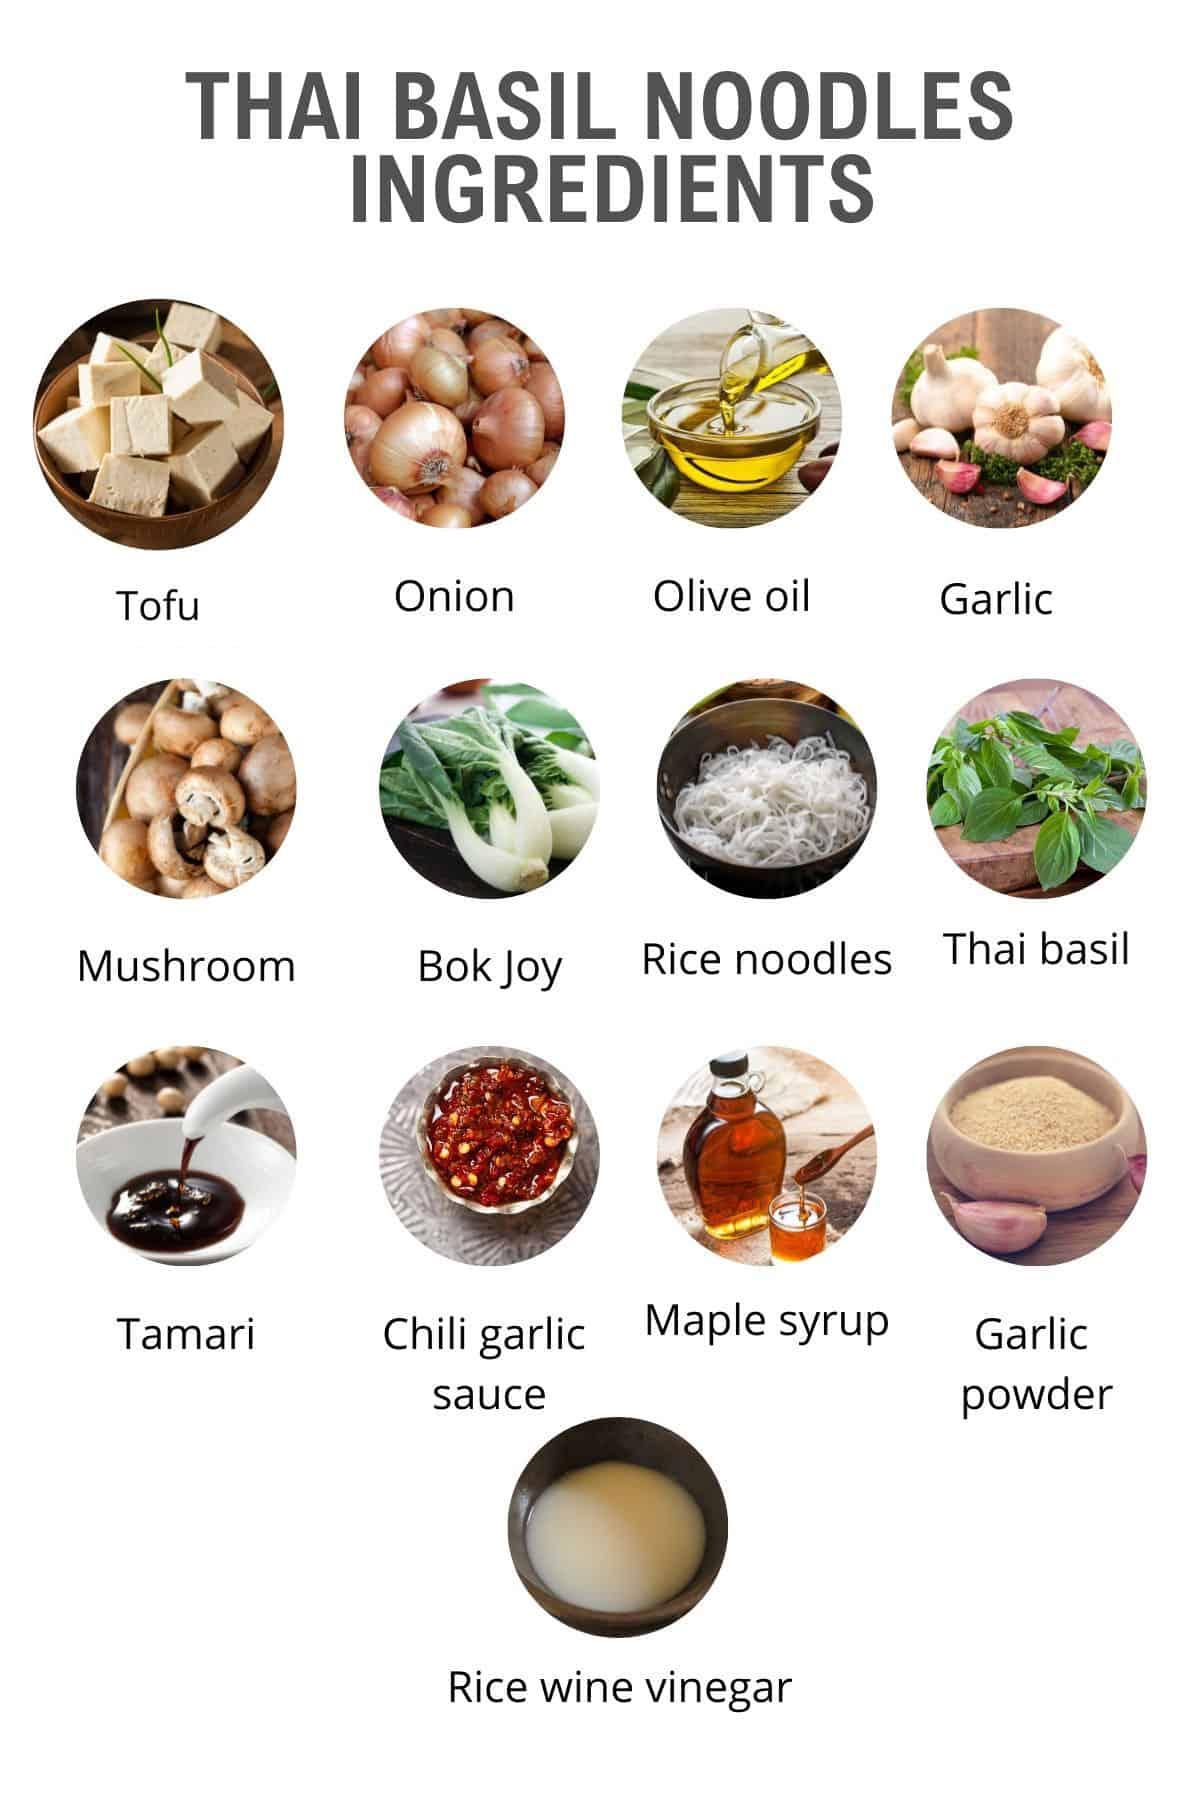 Thai basil noodle ingredients